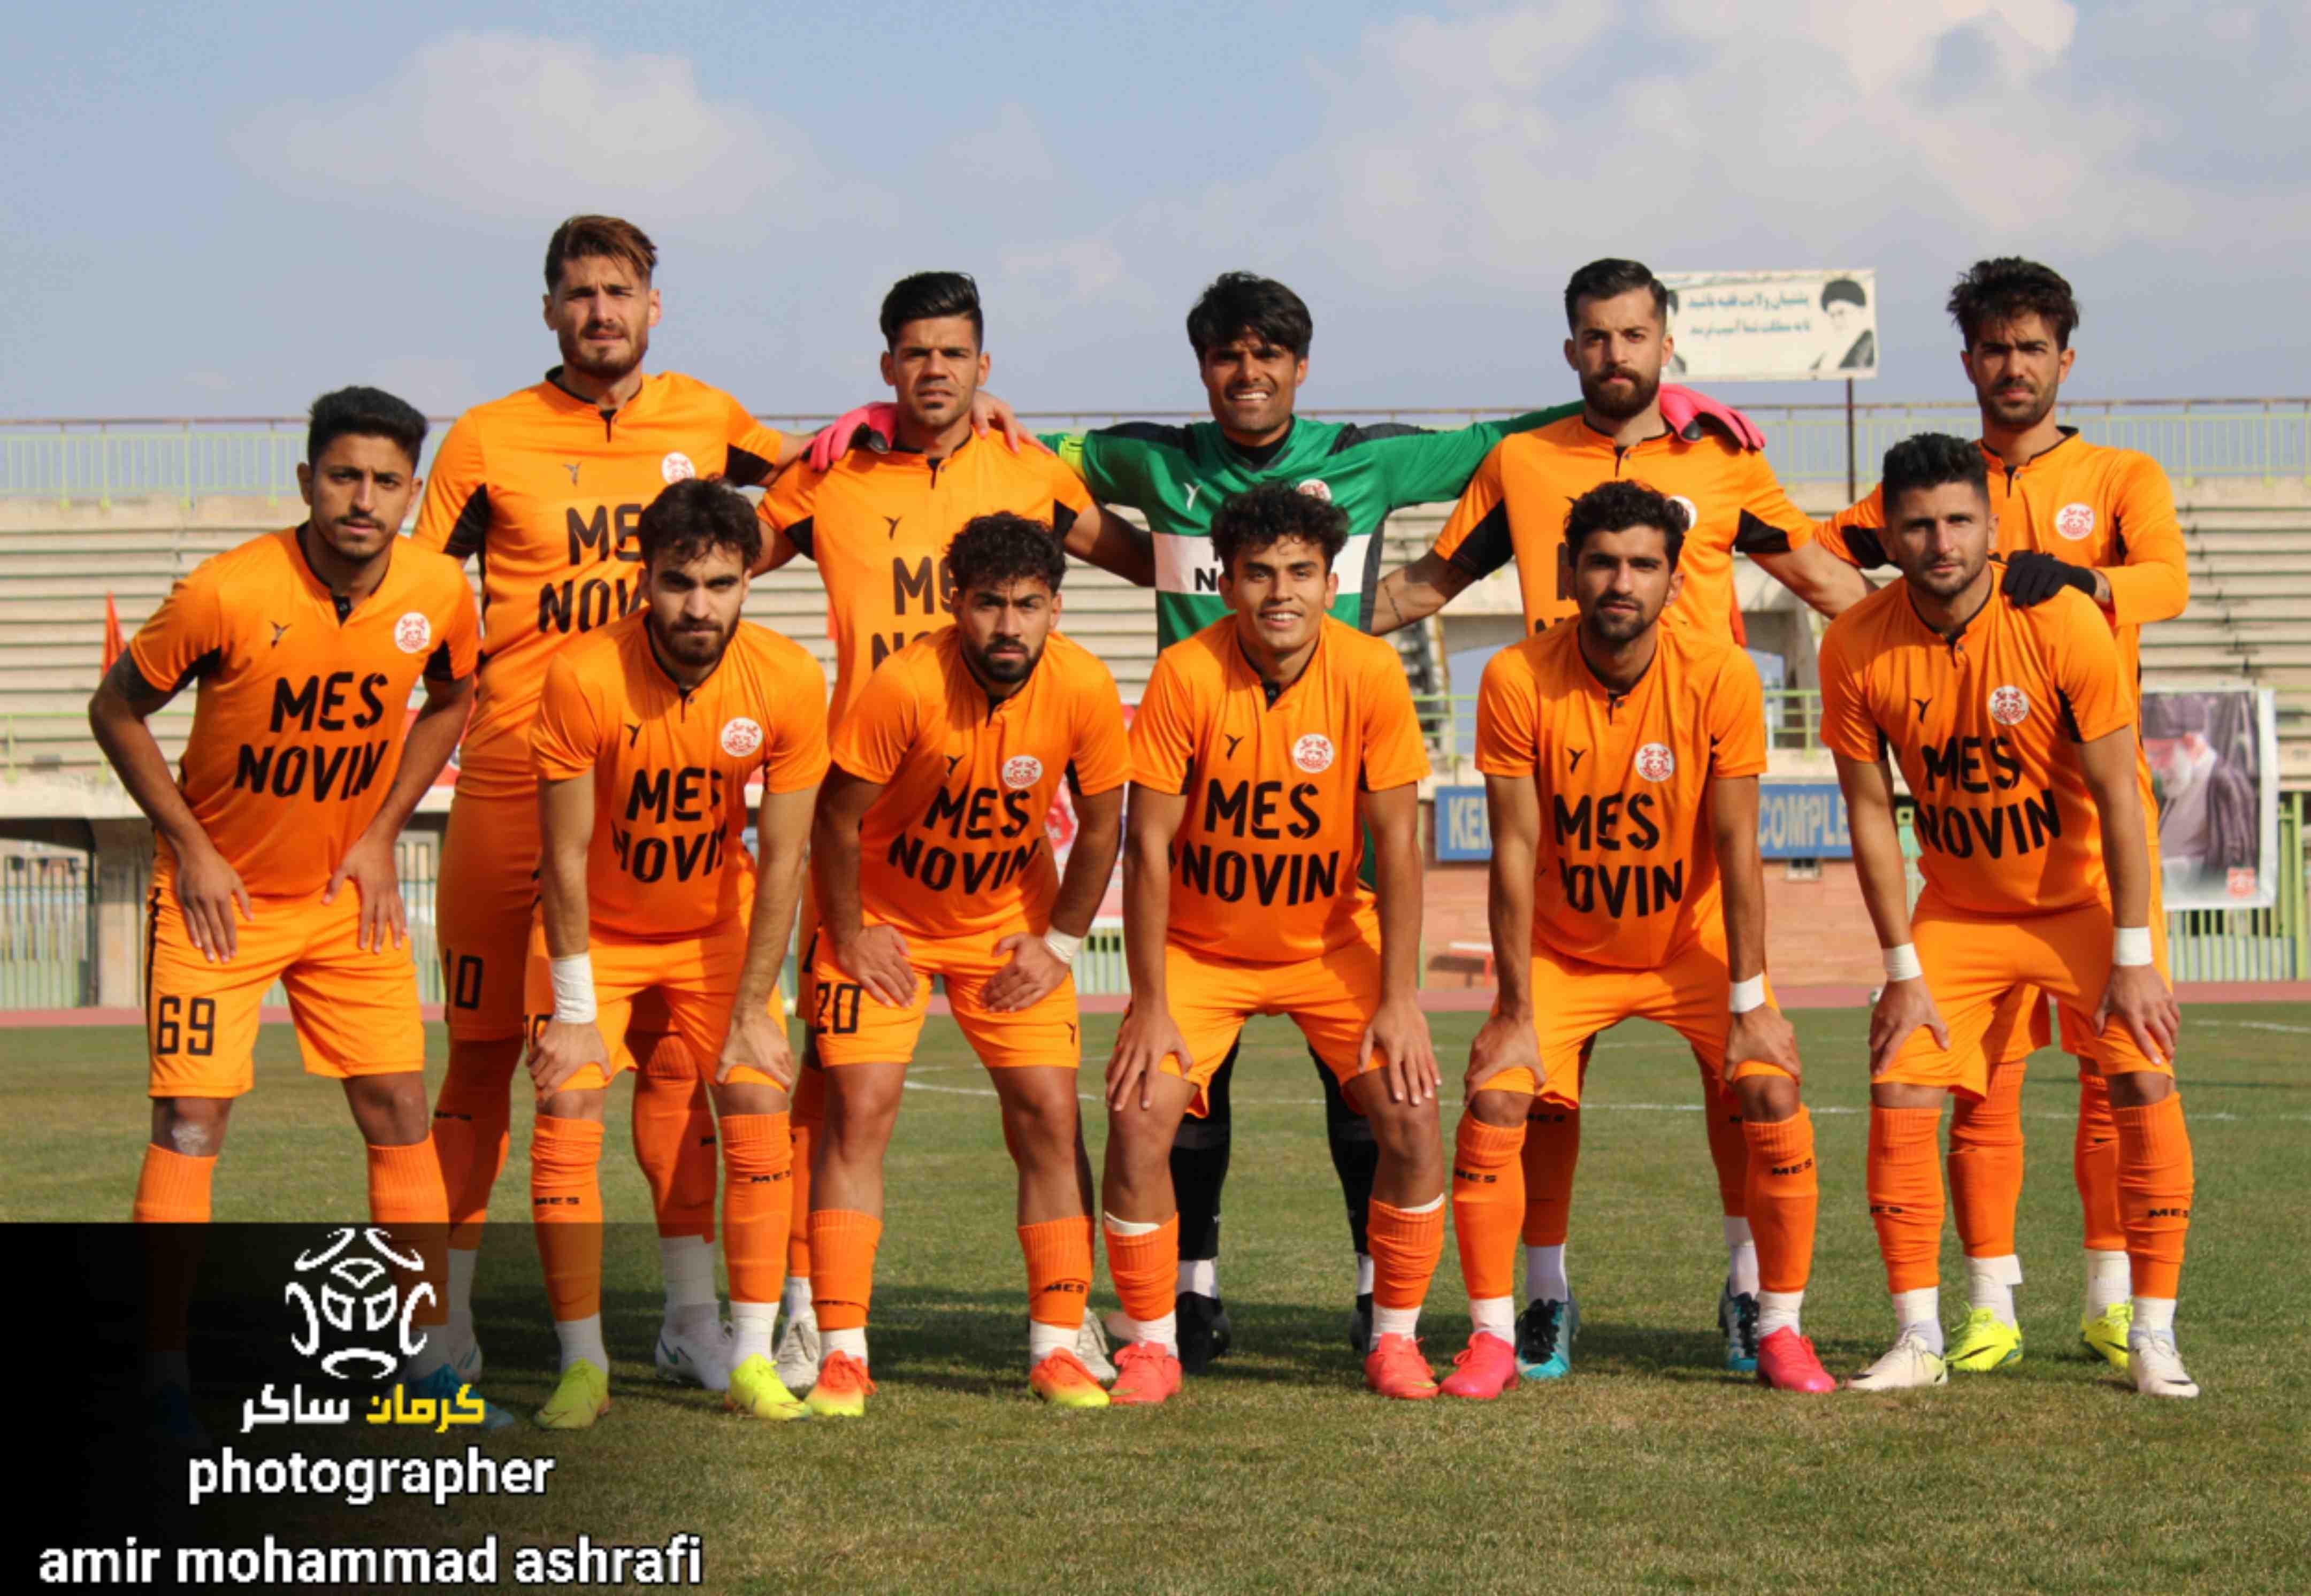 گزارش تصویری: هفته نخست لیگ دسته دوم فوتبال کشور/ مس نوین - سپیدرود رشت به روایت دوربین امیرمحمد اشرفی